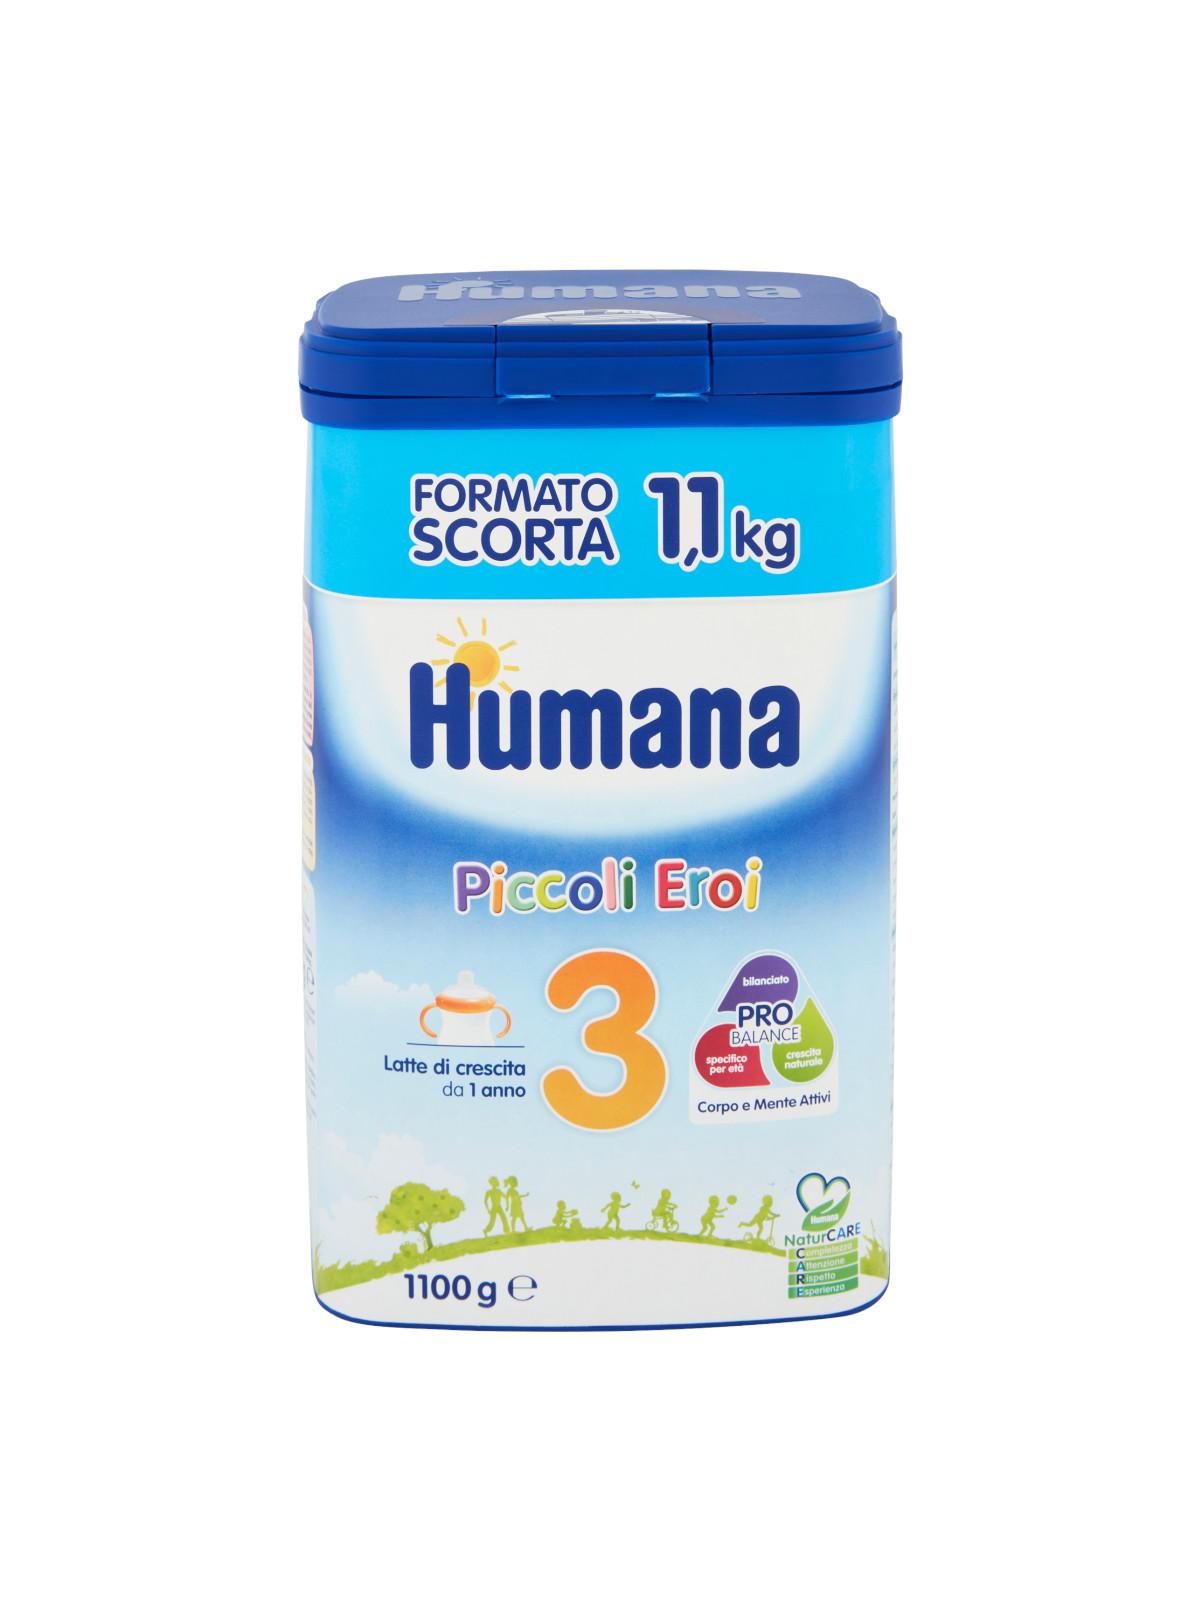 Humana 3 probalance polvere 1100 gr - Humana